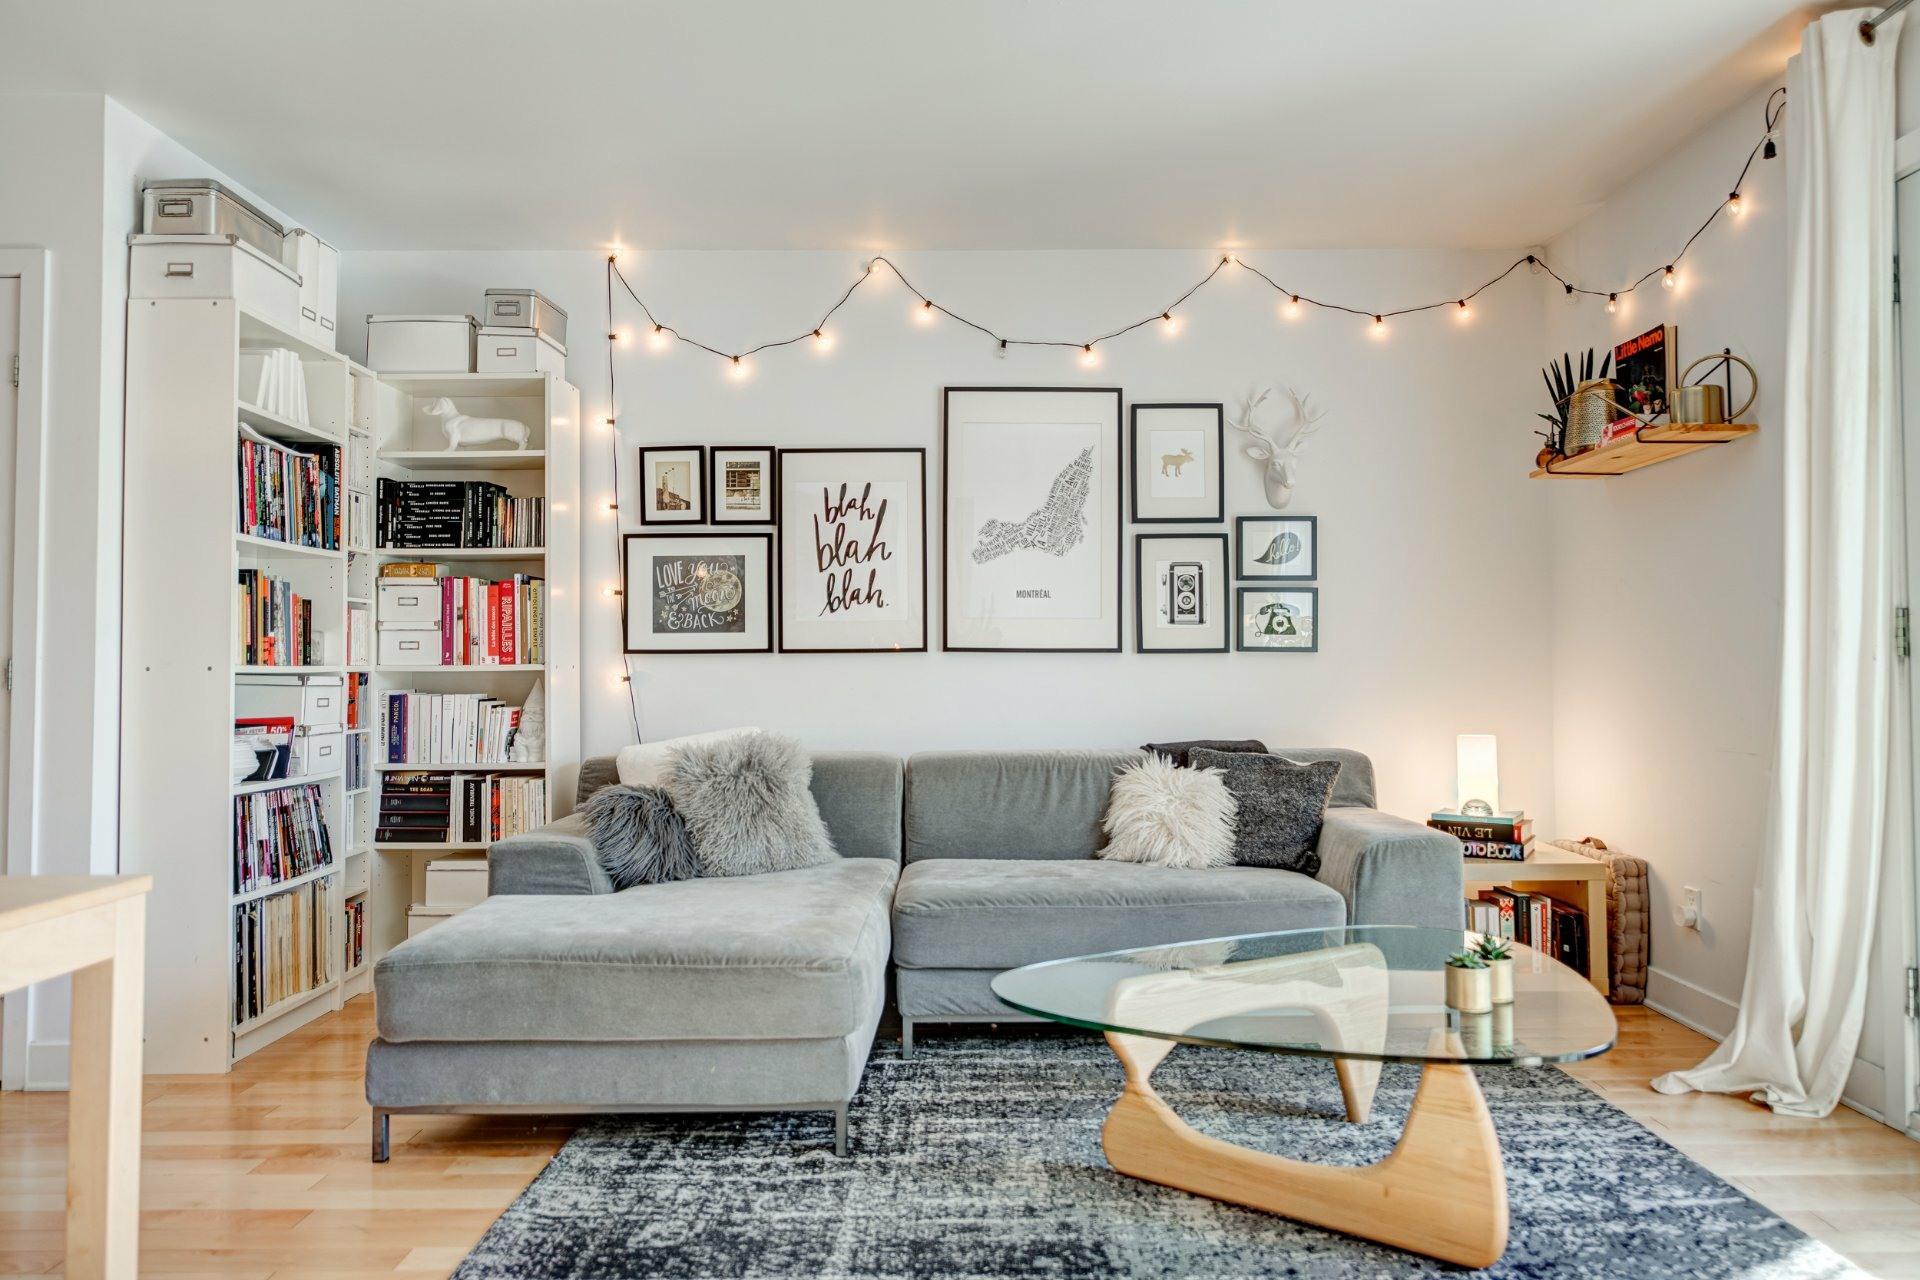 image 10 - Appartement À vendre Rosemont/La Petite-Patrie Montréal  - 6 pièces